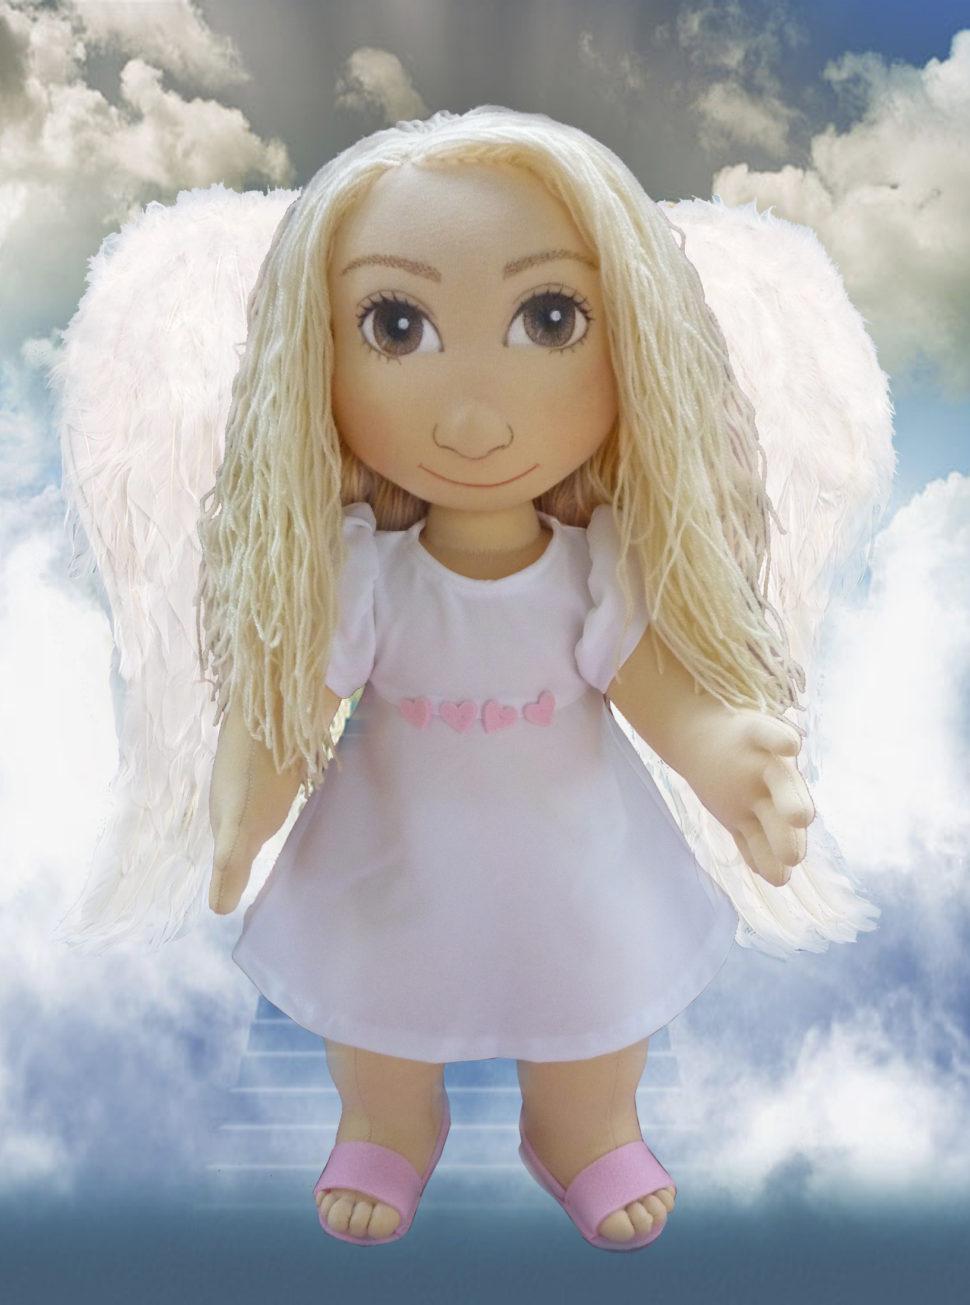 Ručně šitá terapeutická panenka jako dárek pro ženy, kamarádky, rodiče